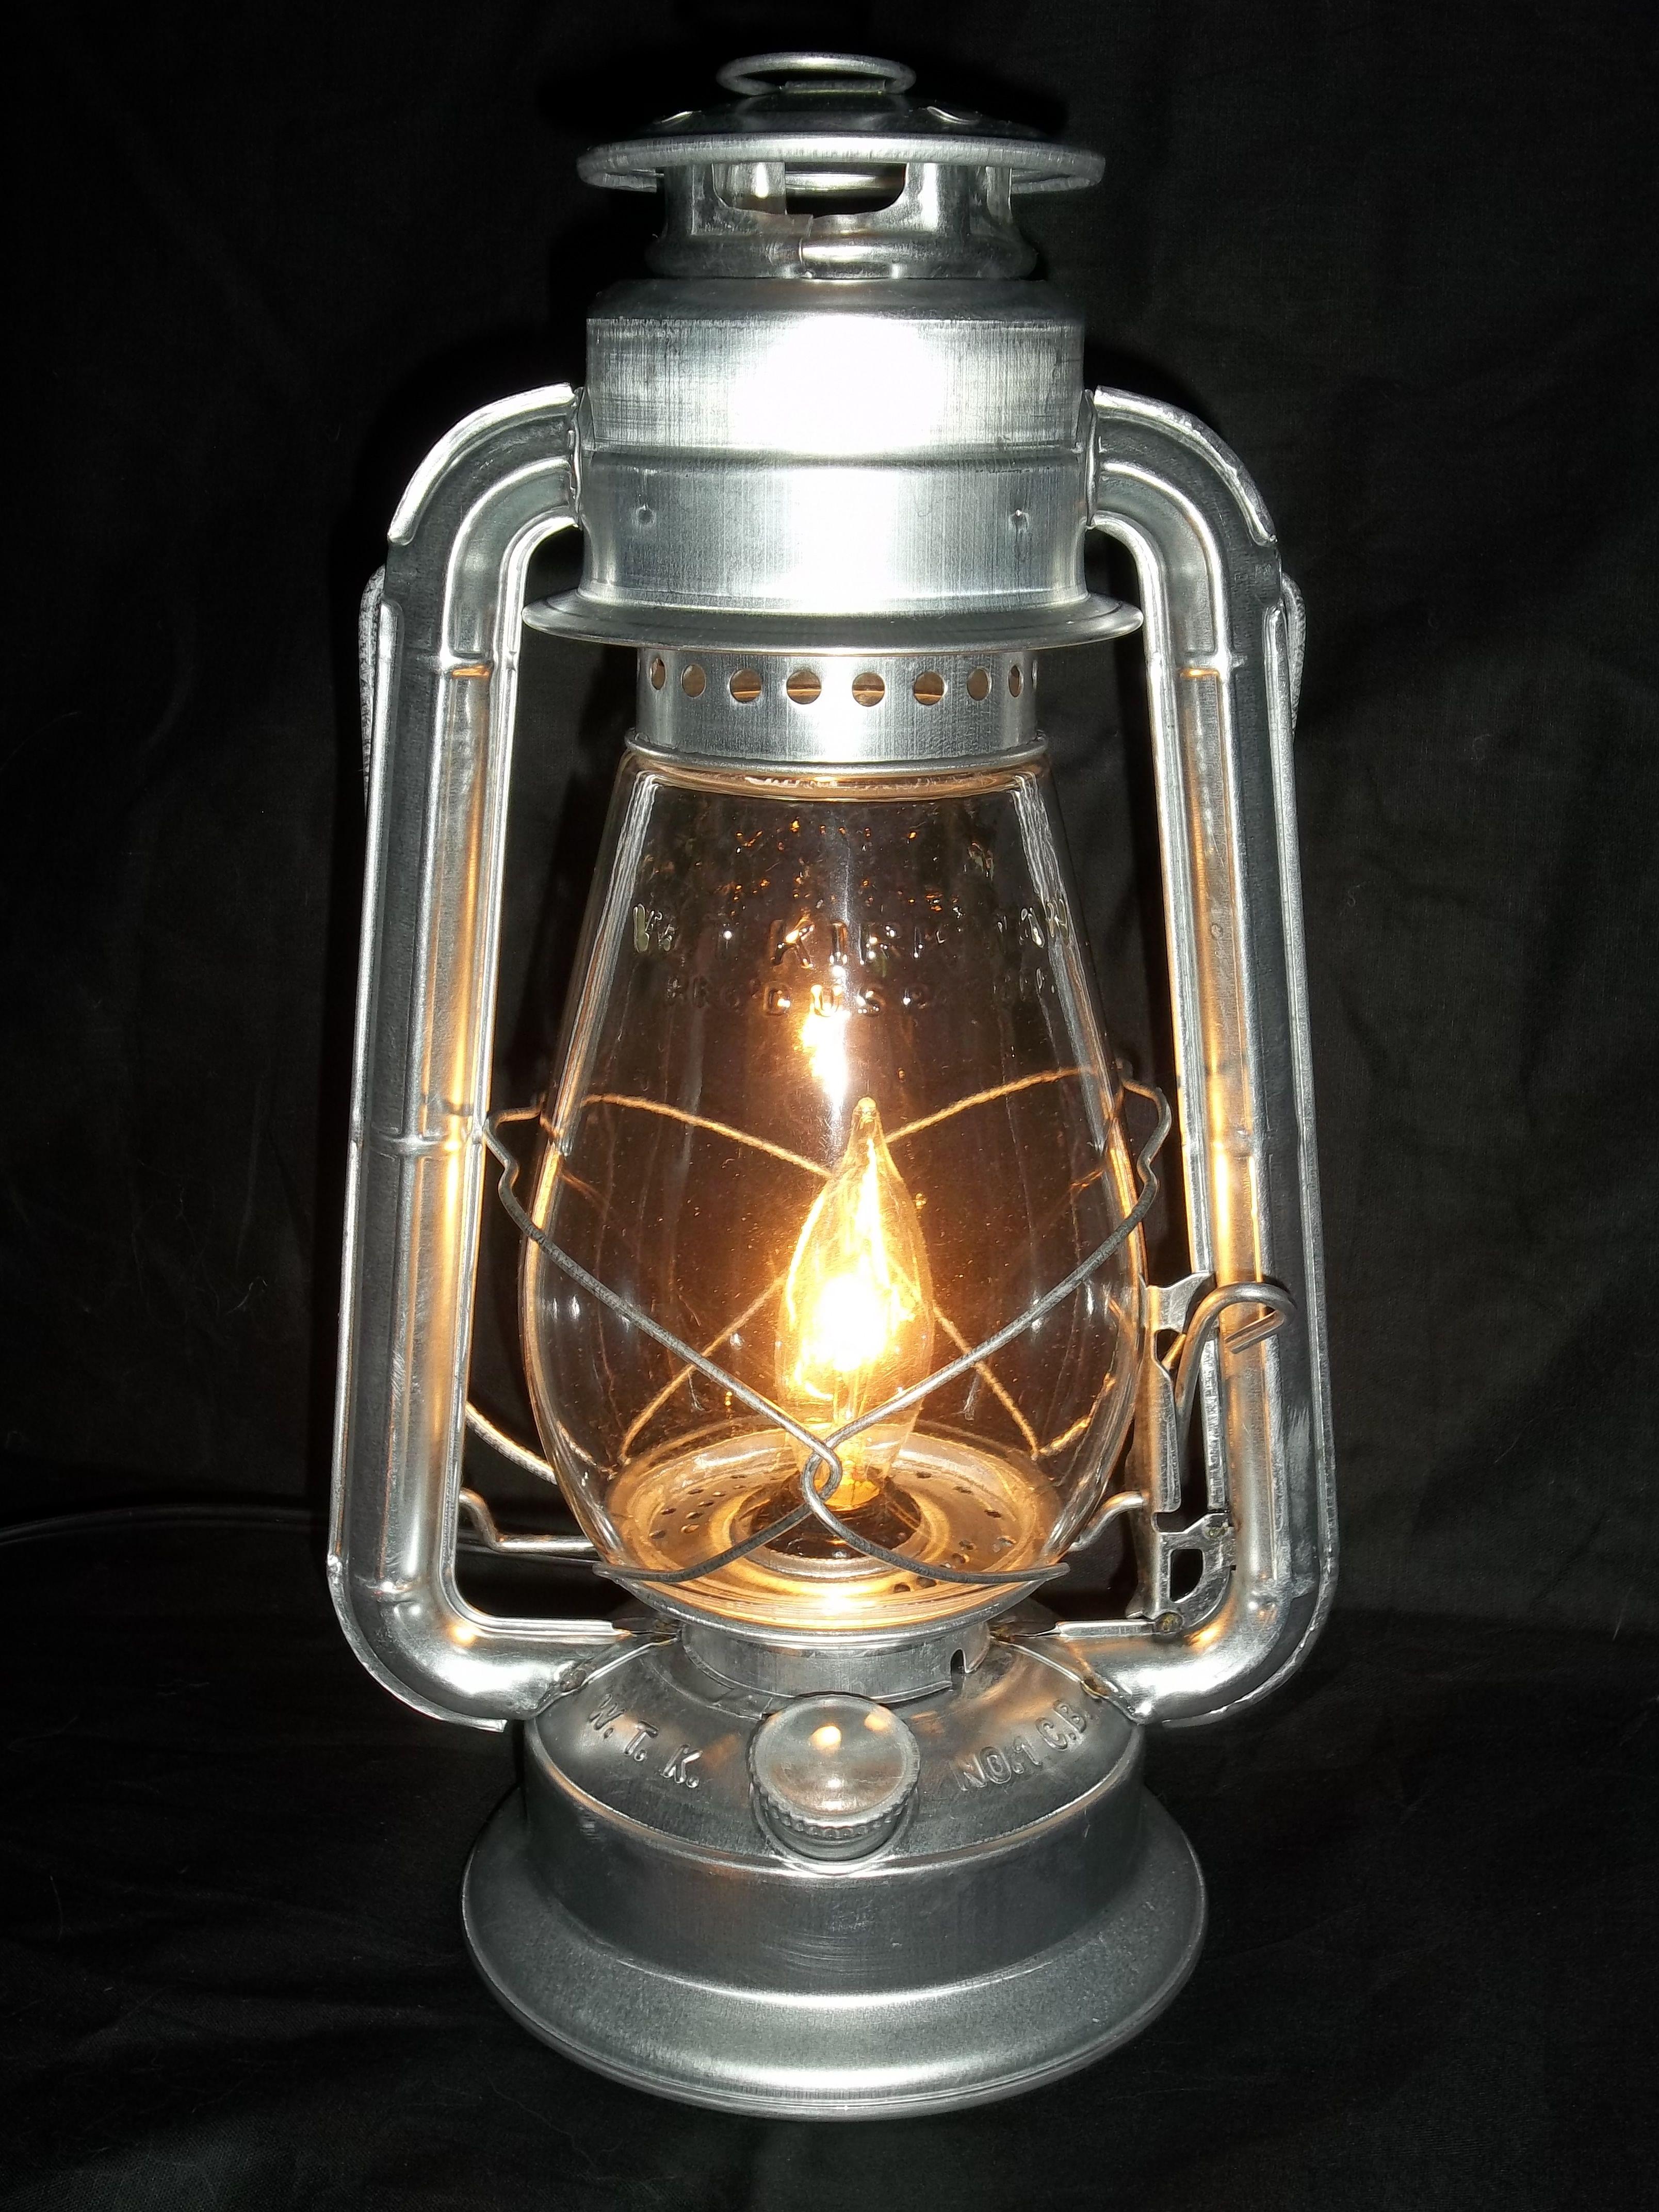 I Love This Electric Lantern Lamp Lantern Table Lamp Electric Lanterns Lantern Lamp